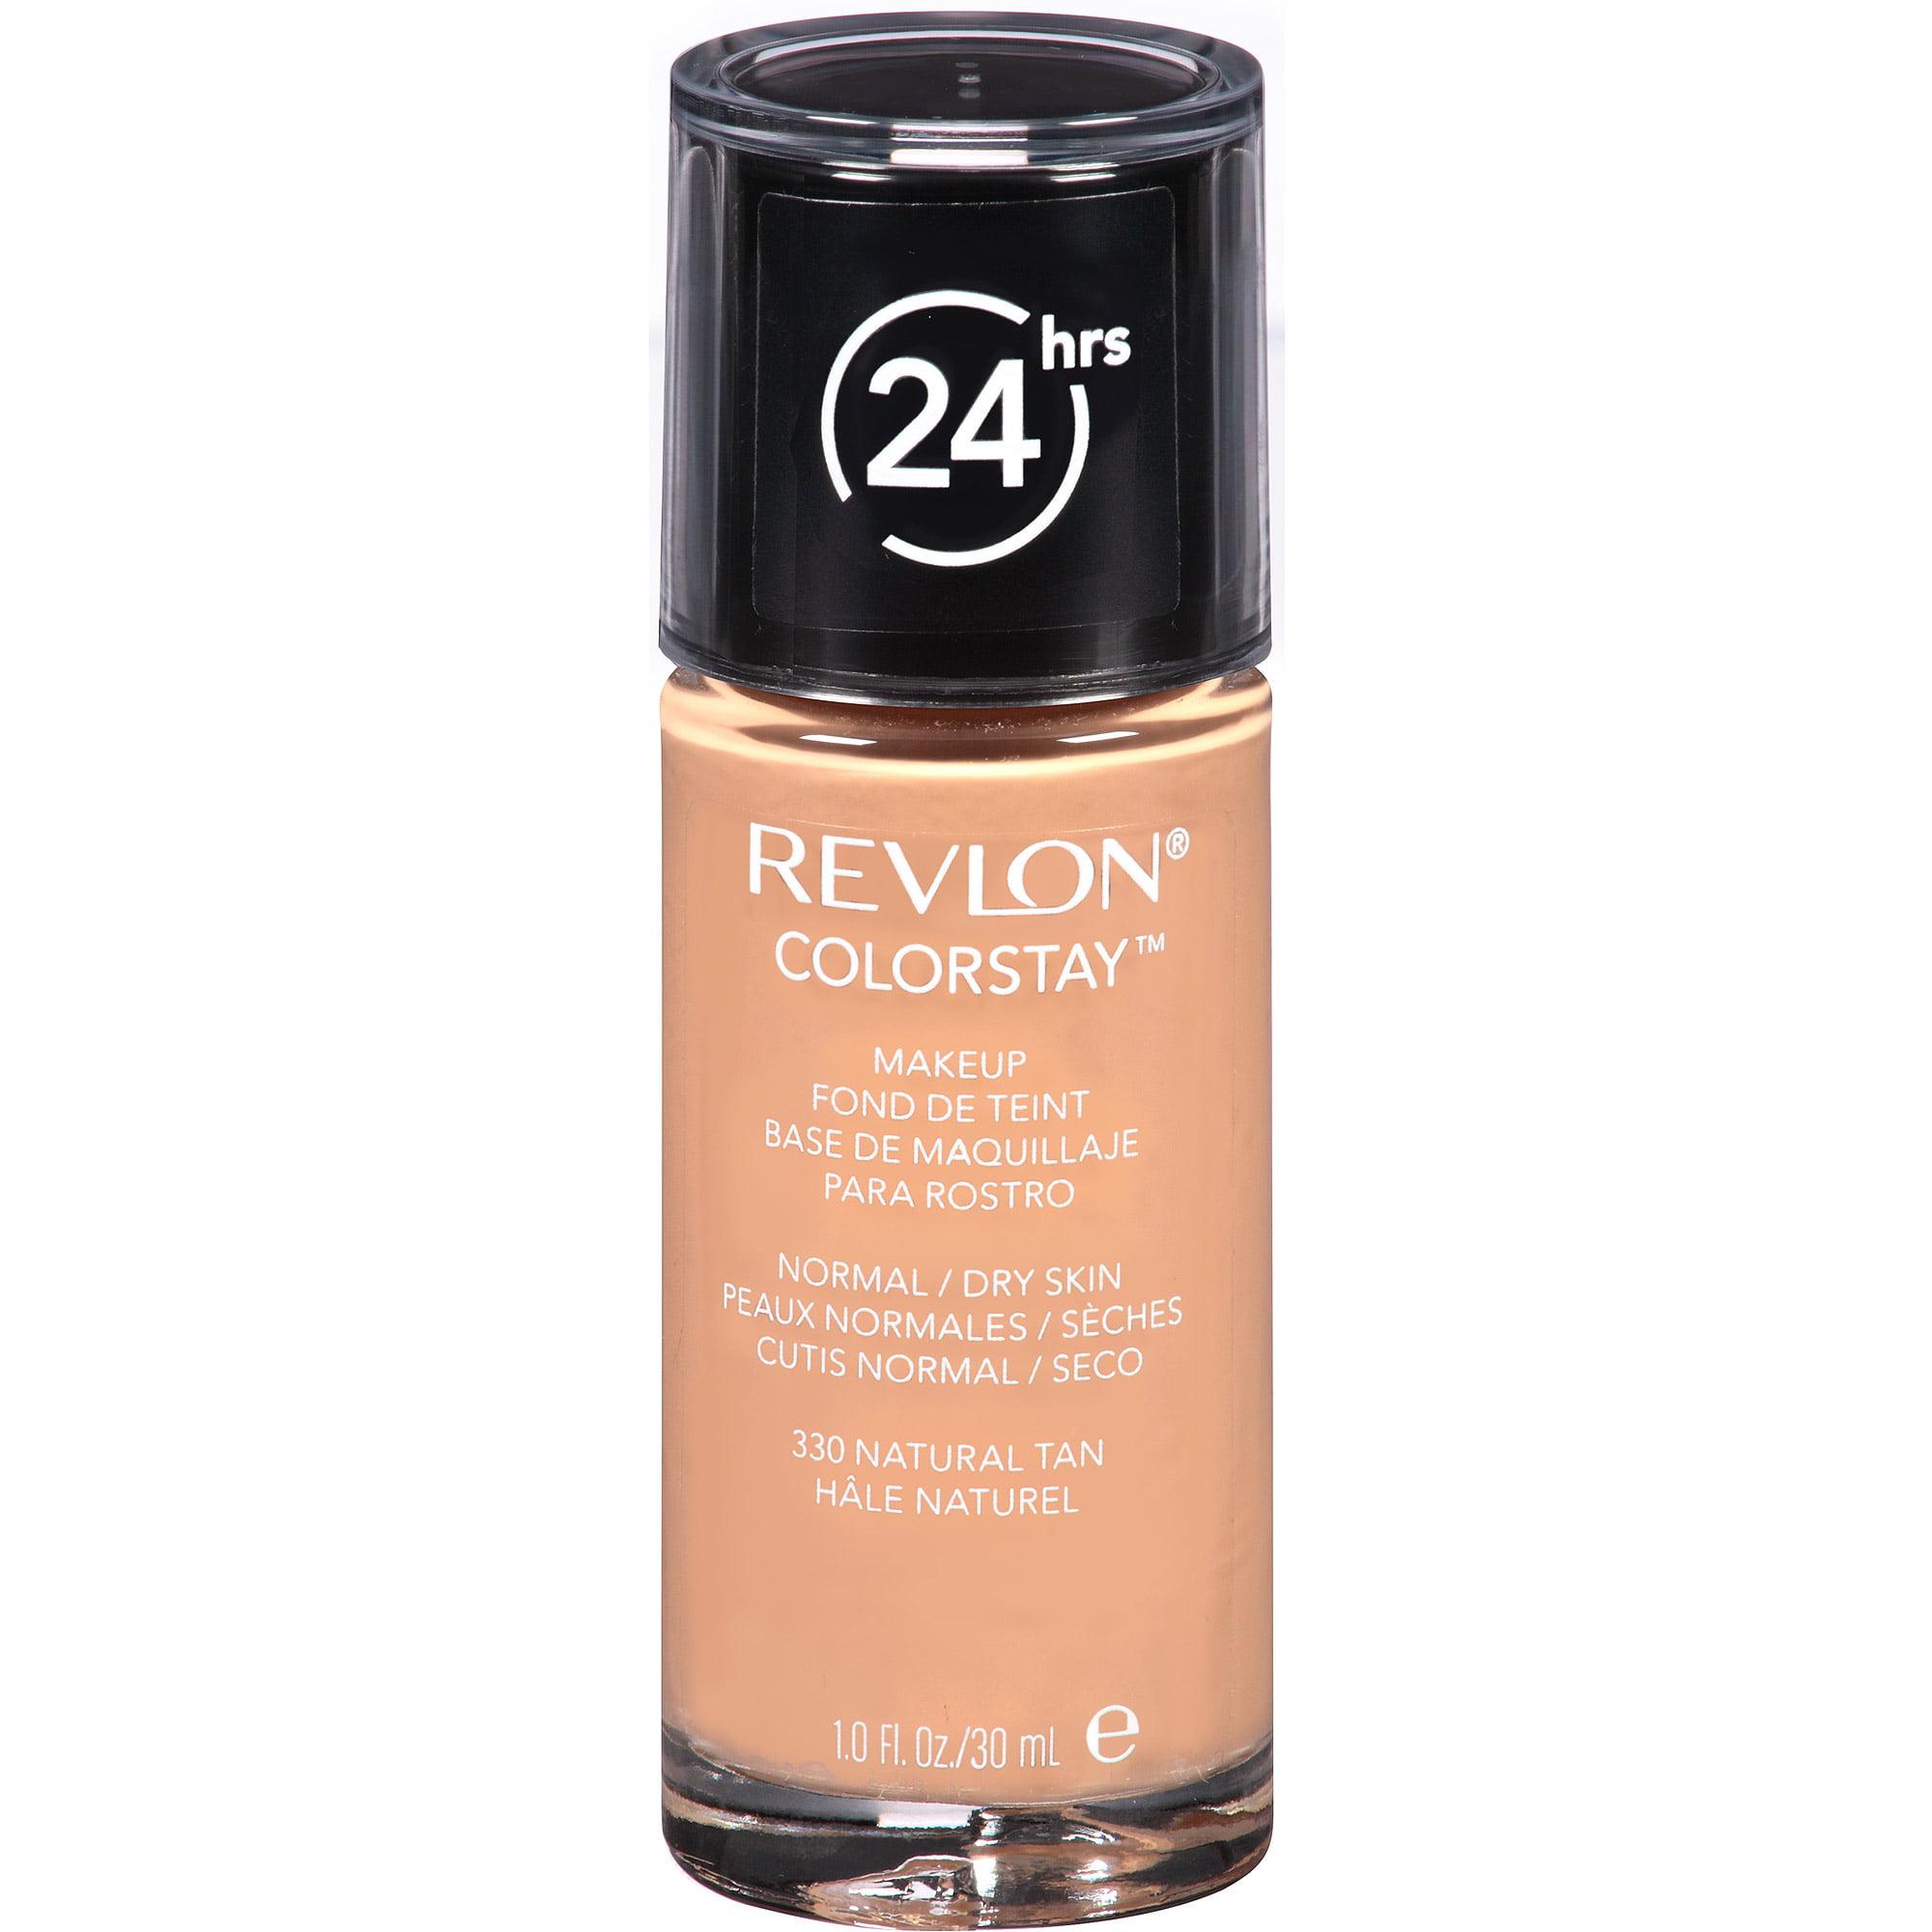 Revlon ColorStay Makeup for Normal / Dry Skin, 330 Natural Tan, 1 fl oz